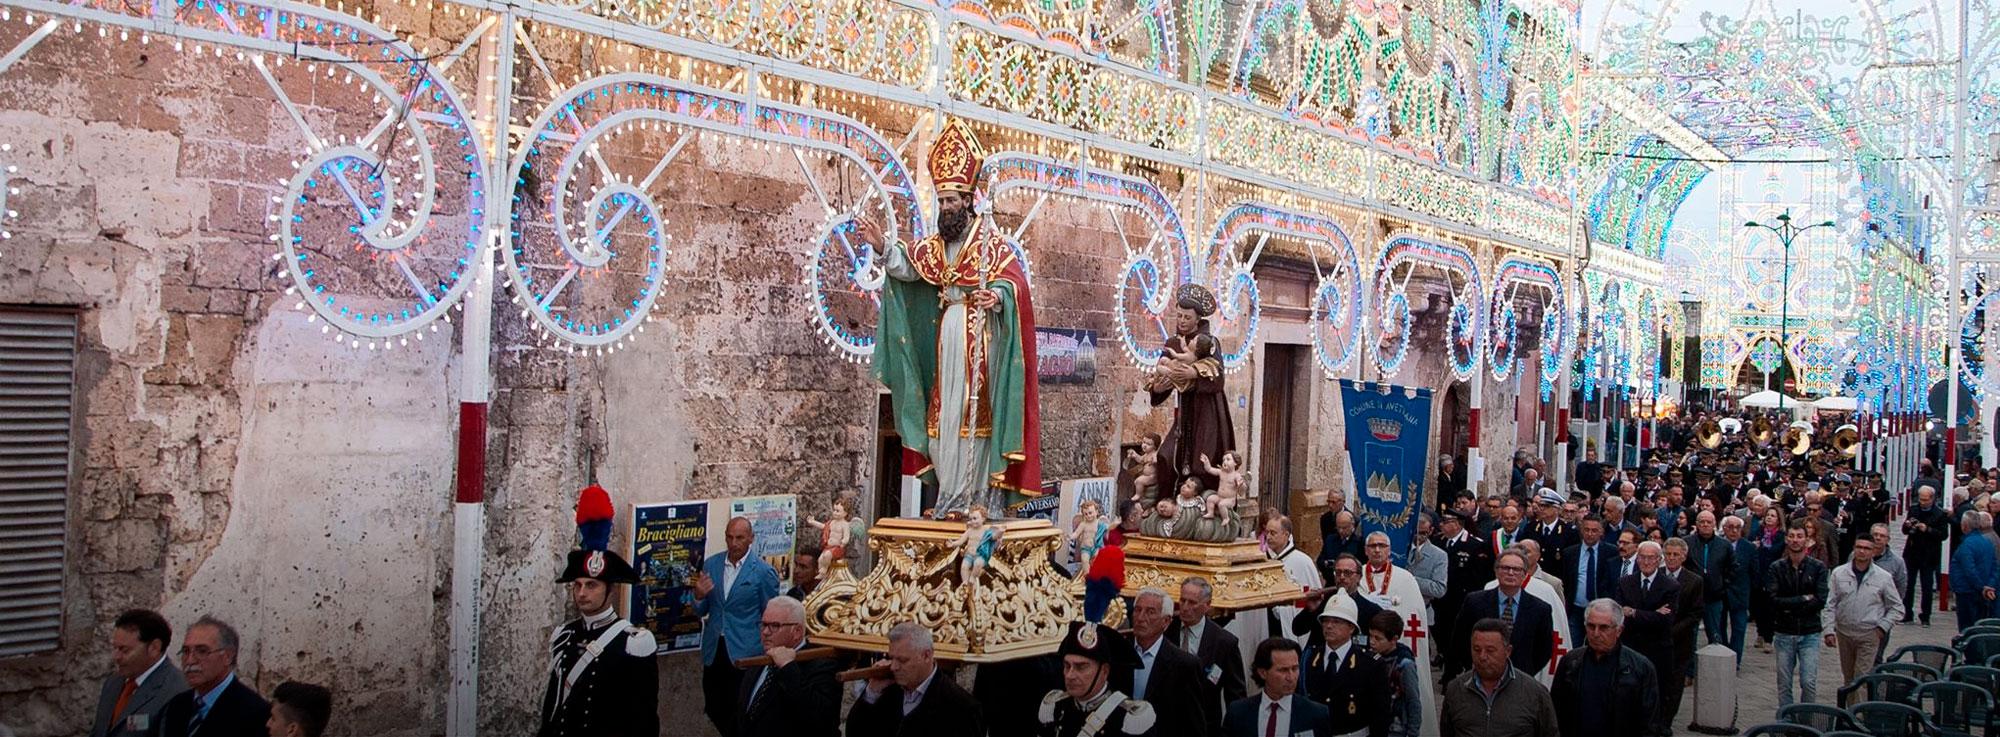 Avetrana: Festa di San Biagio